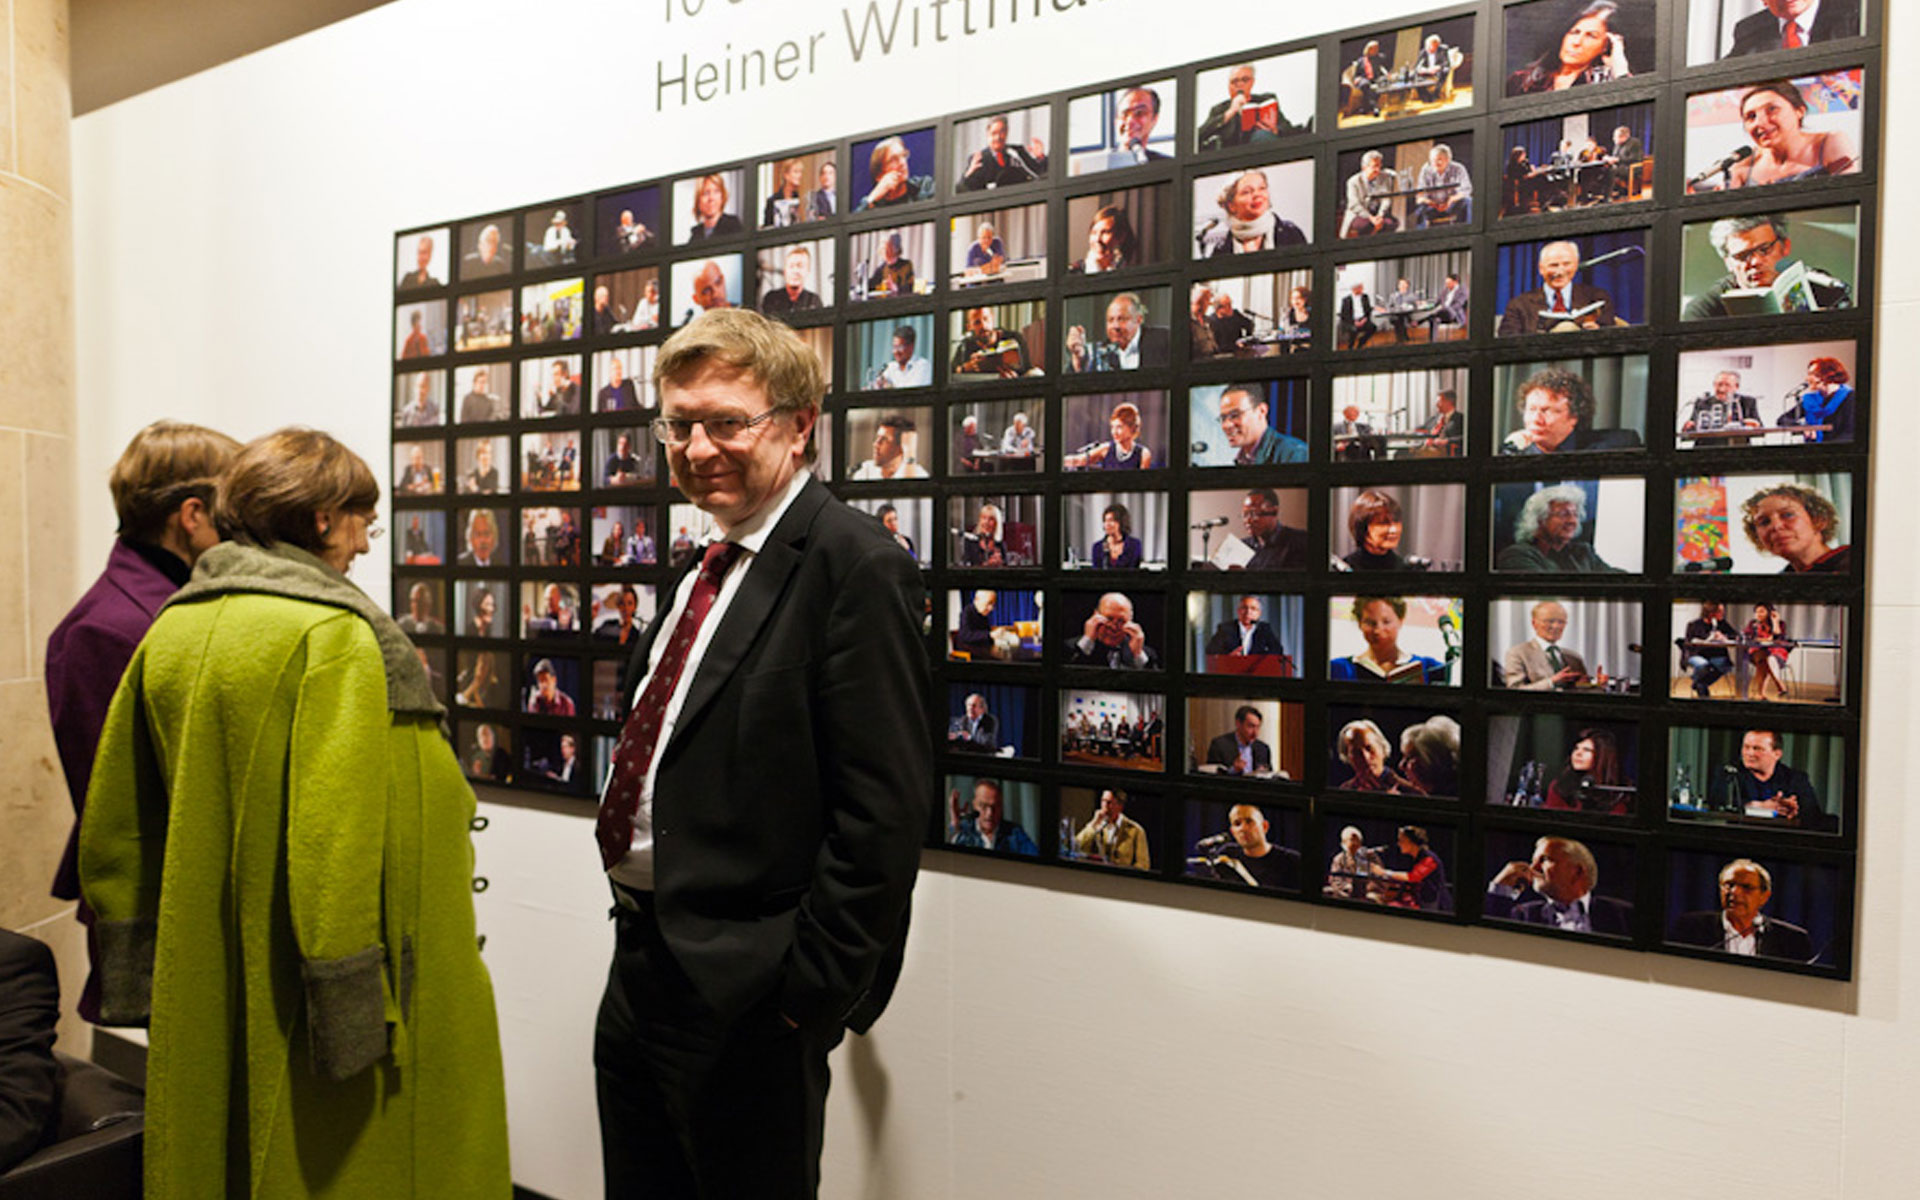 Heiner Wittmann: Zehn Jahre Fotos,                                                                                                                                              Freitag, 18.11.11                      -                          Dienstag, 28.02.12                                                                               <br/>(c) die arge lola